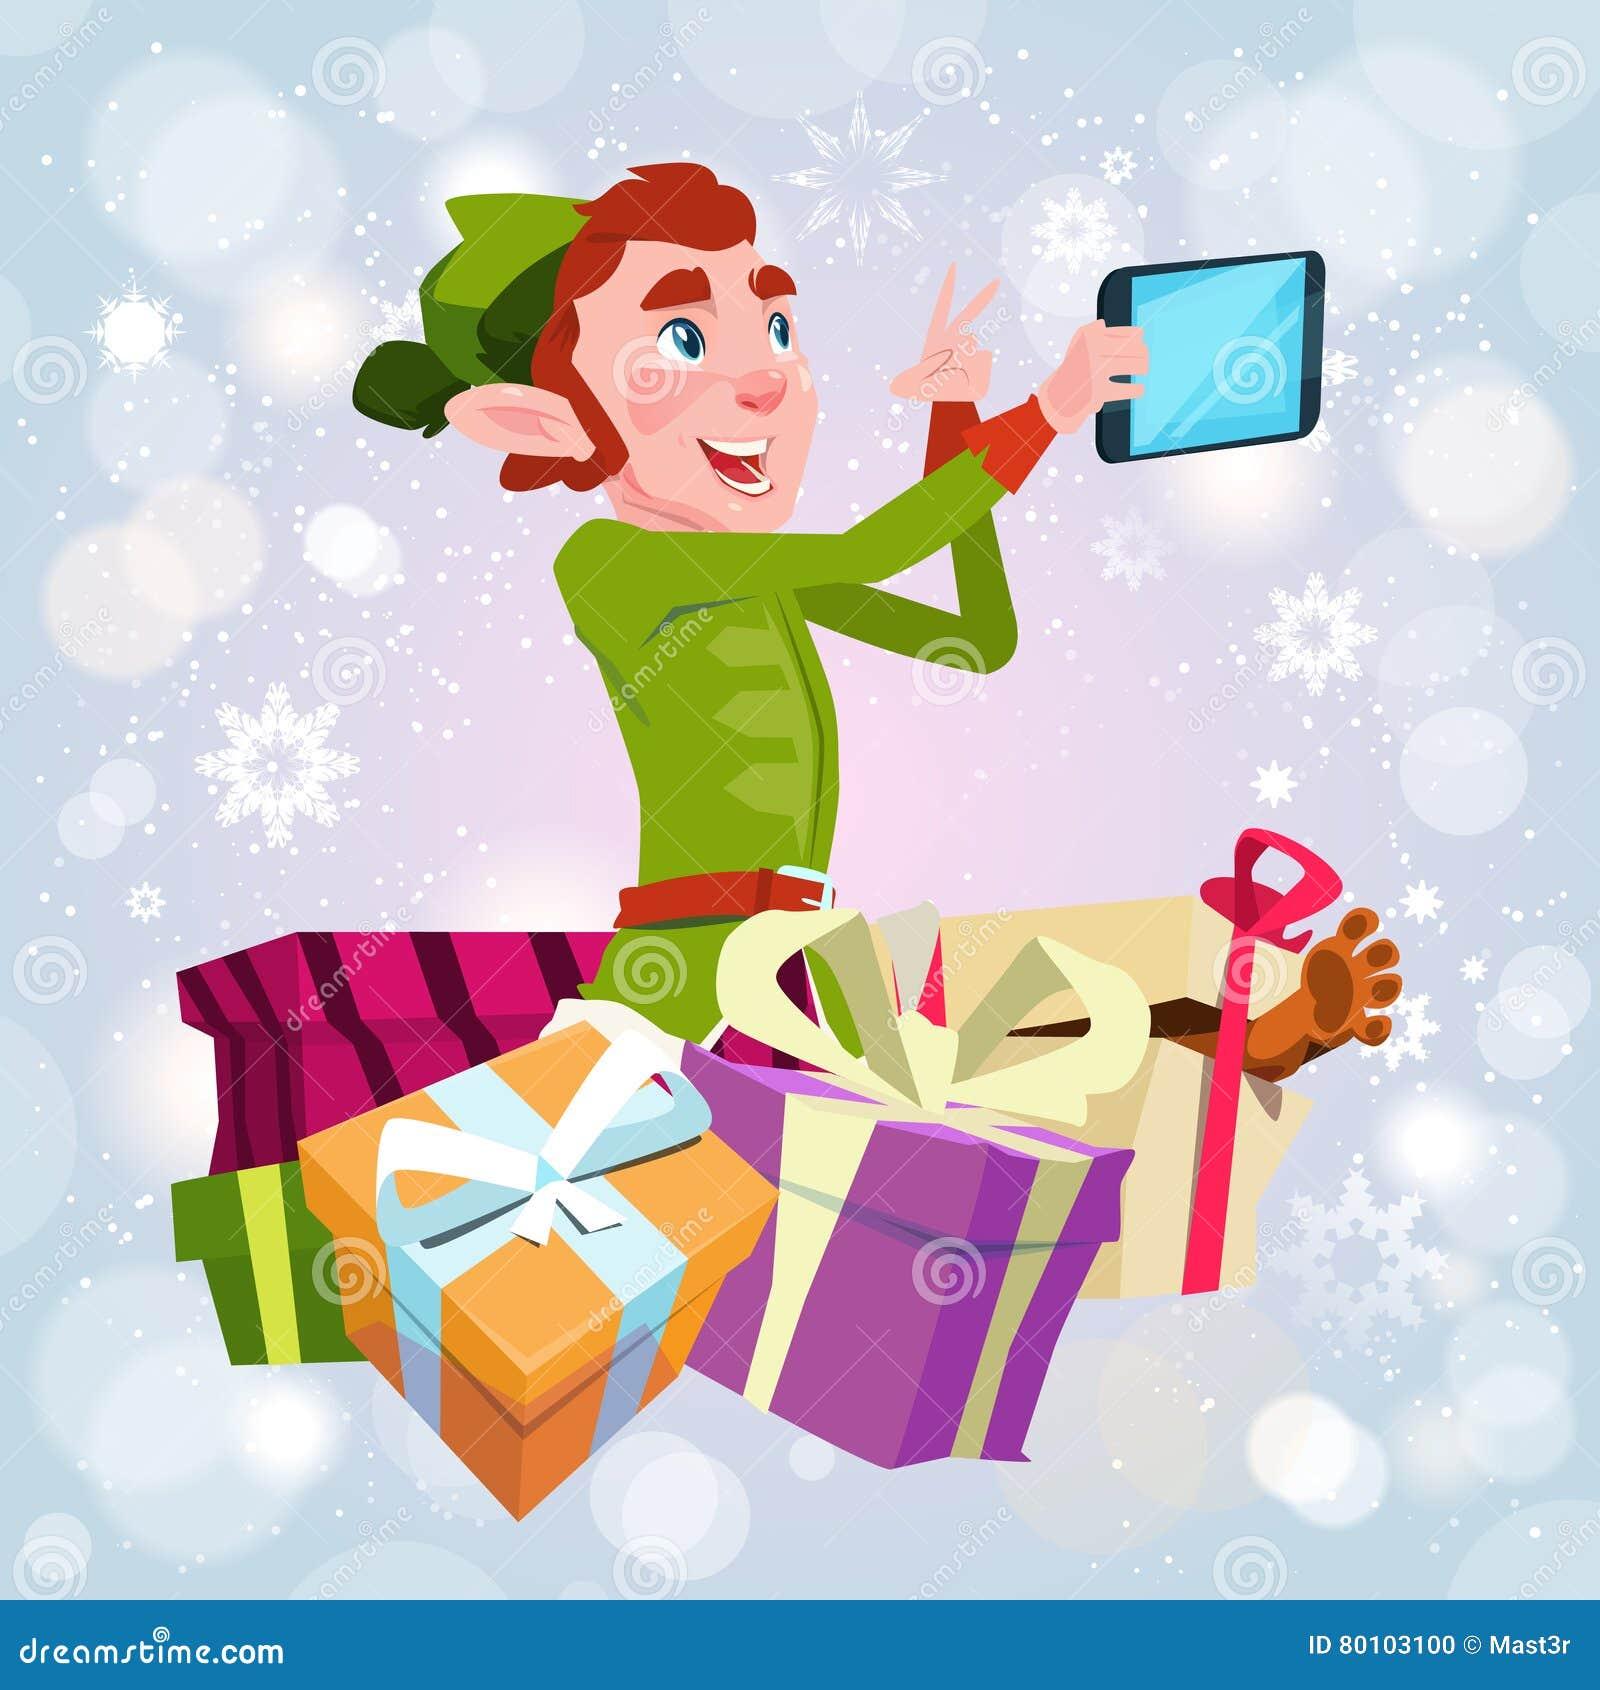 Foto de Santa Claus Helper Green Elf Making Selfie, cartão do feriado do Natal do ano novo